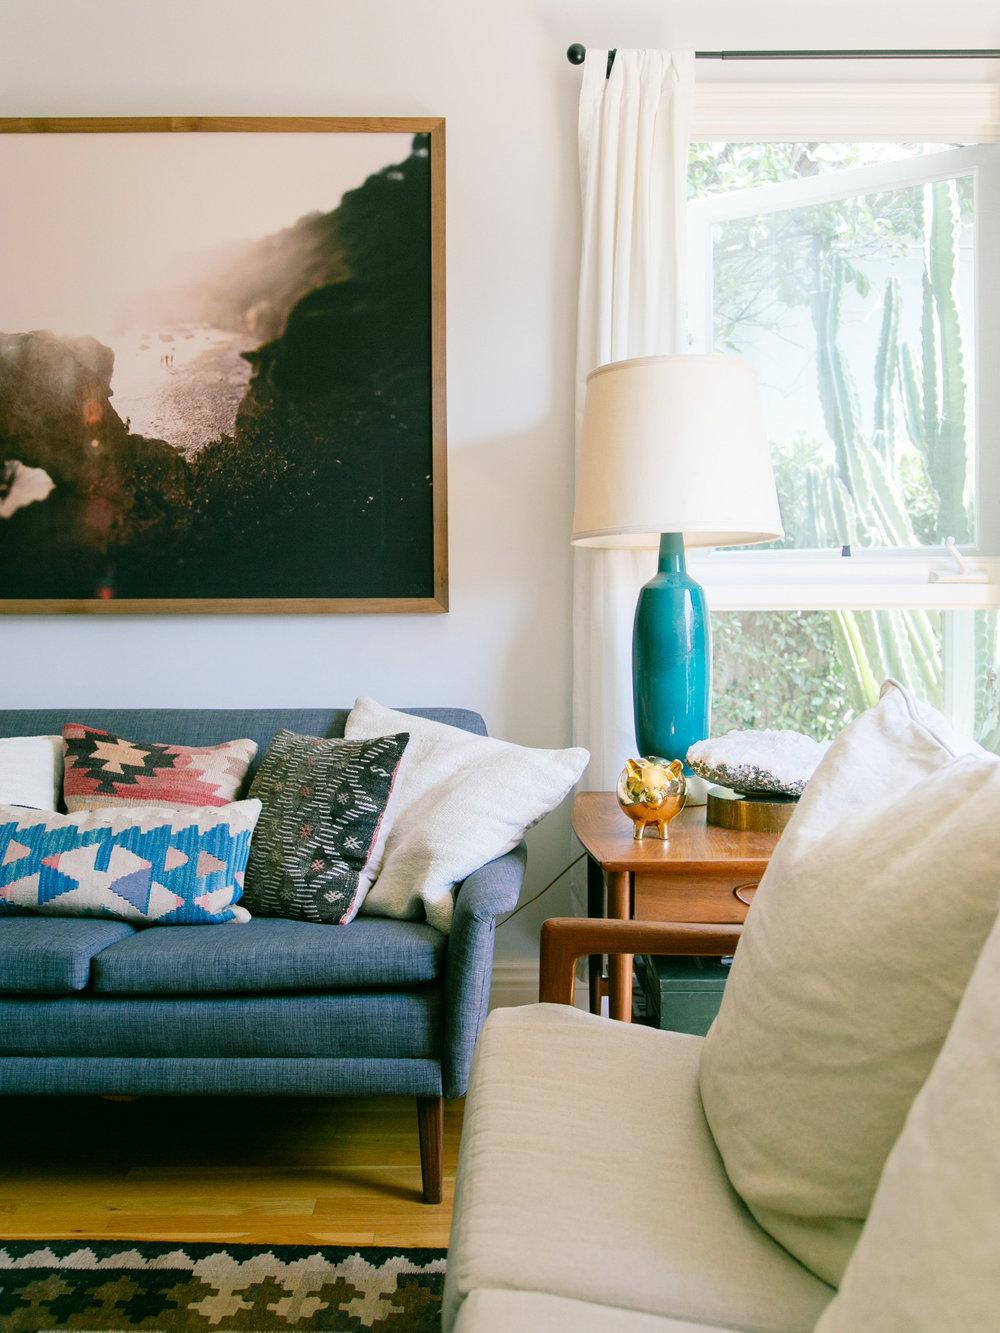 Mid-Century-Modern-Eclectic-Boho-Living-Room-2.jpg